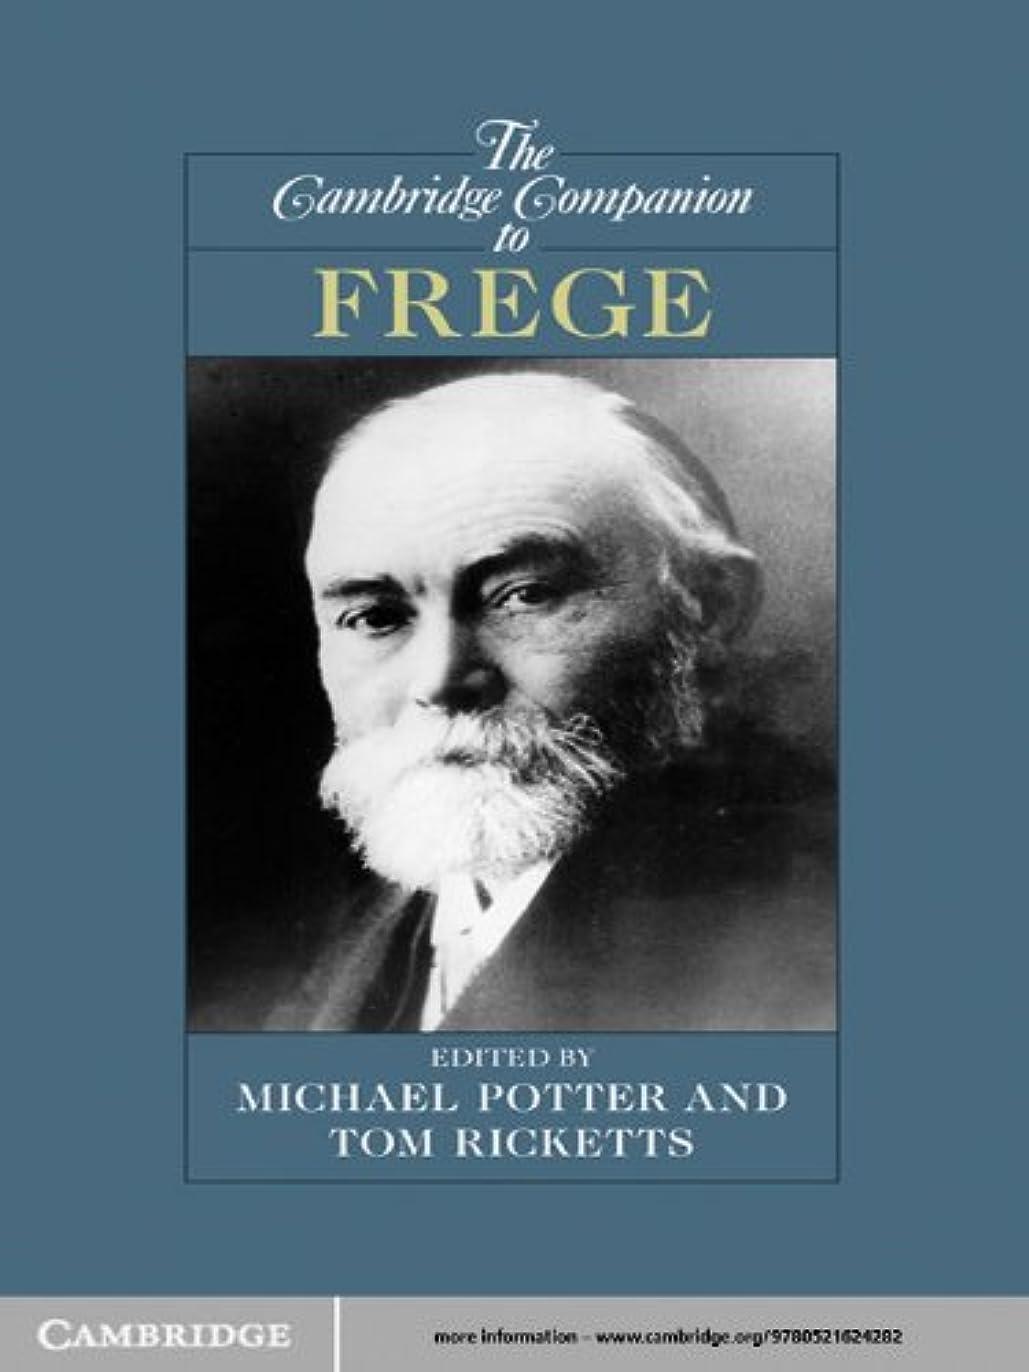 蜂稼ぐ弱点The Cambridge Companion to Frege (Cambridge Companions to Philosophy) (English Edition)